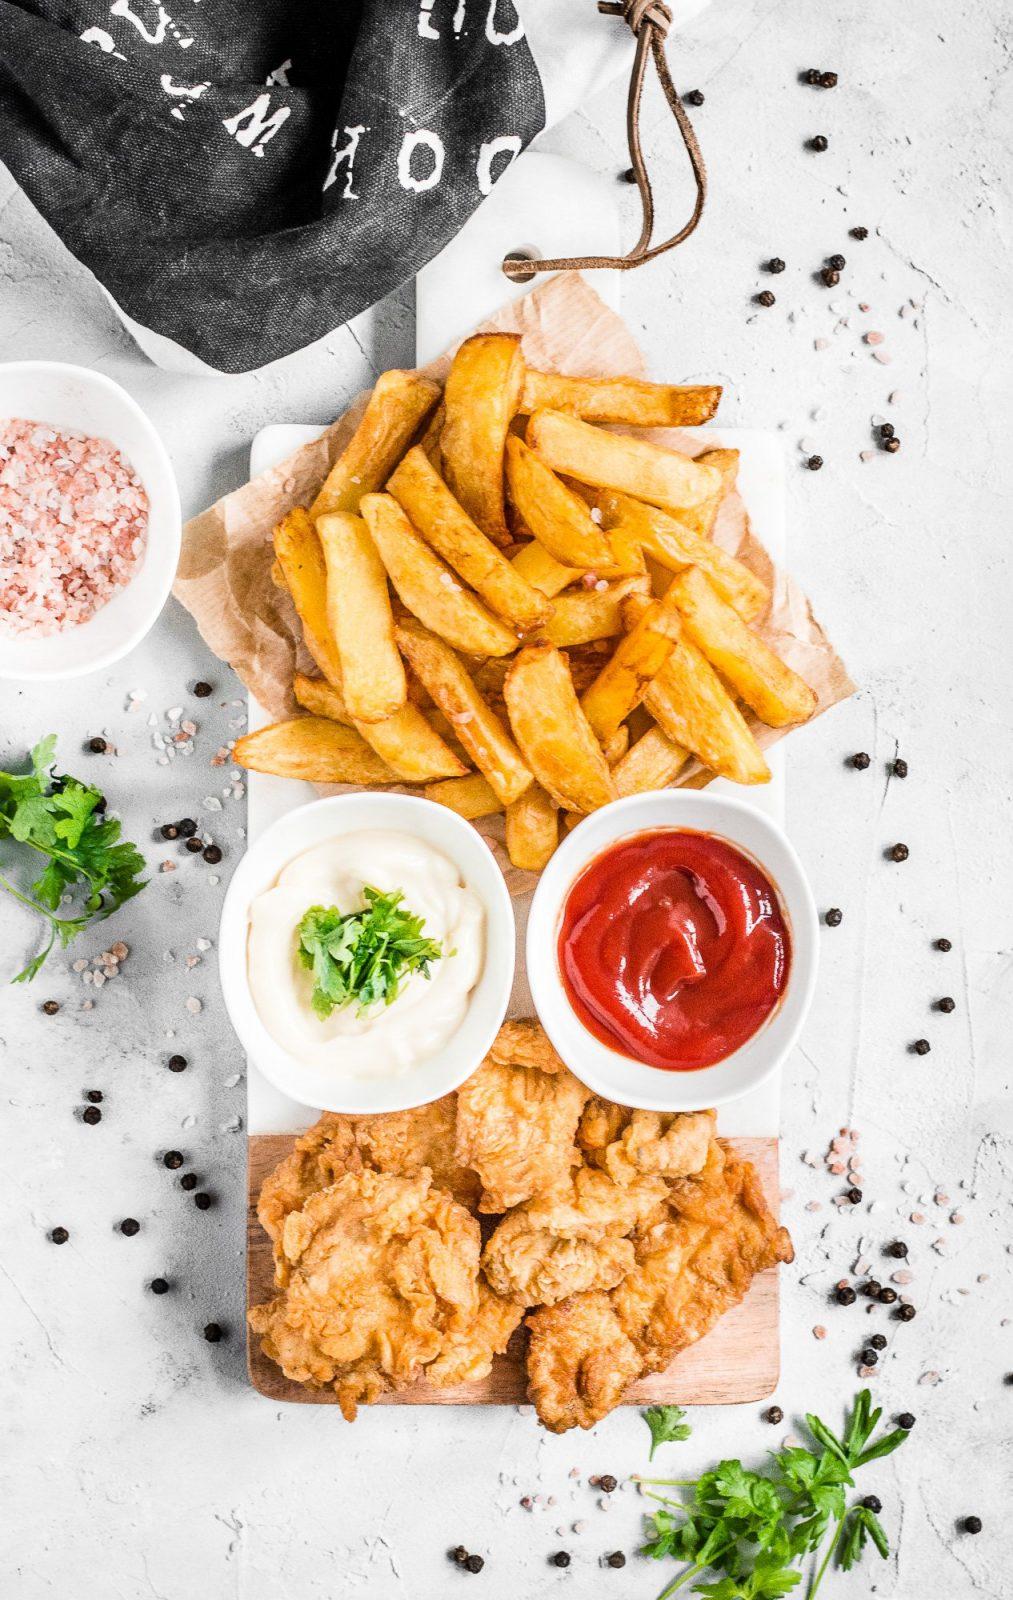 Najlepsze domowe frytki ze stripsami z kurczaka